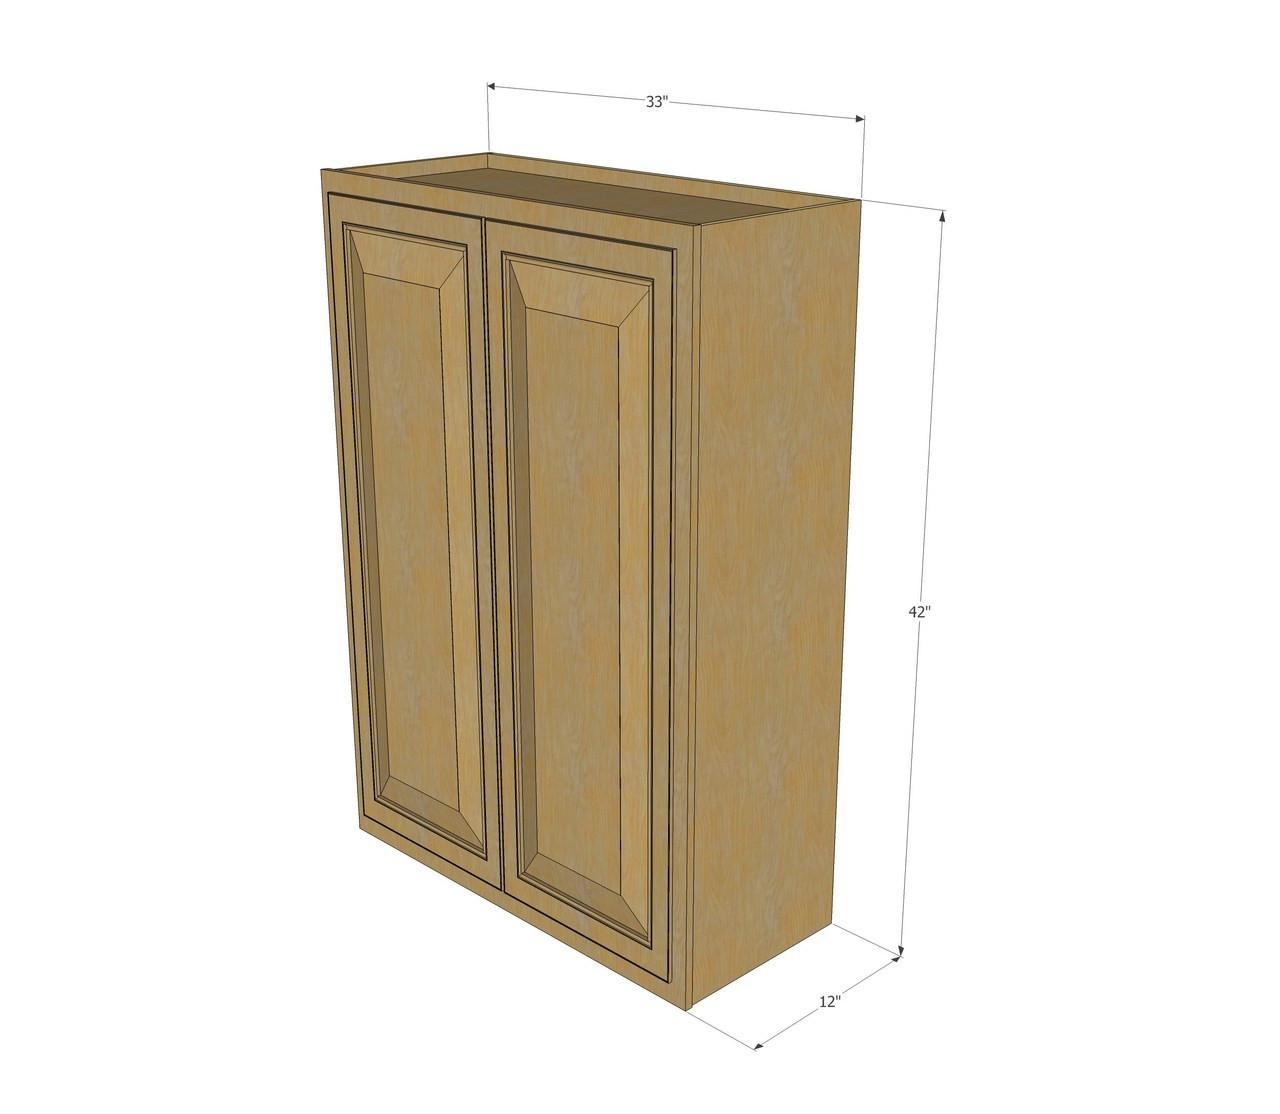 Oak Kitchen Cabinets For Sale: Large Double Door Regal Oak Wall Cabinet